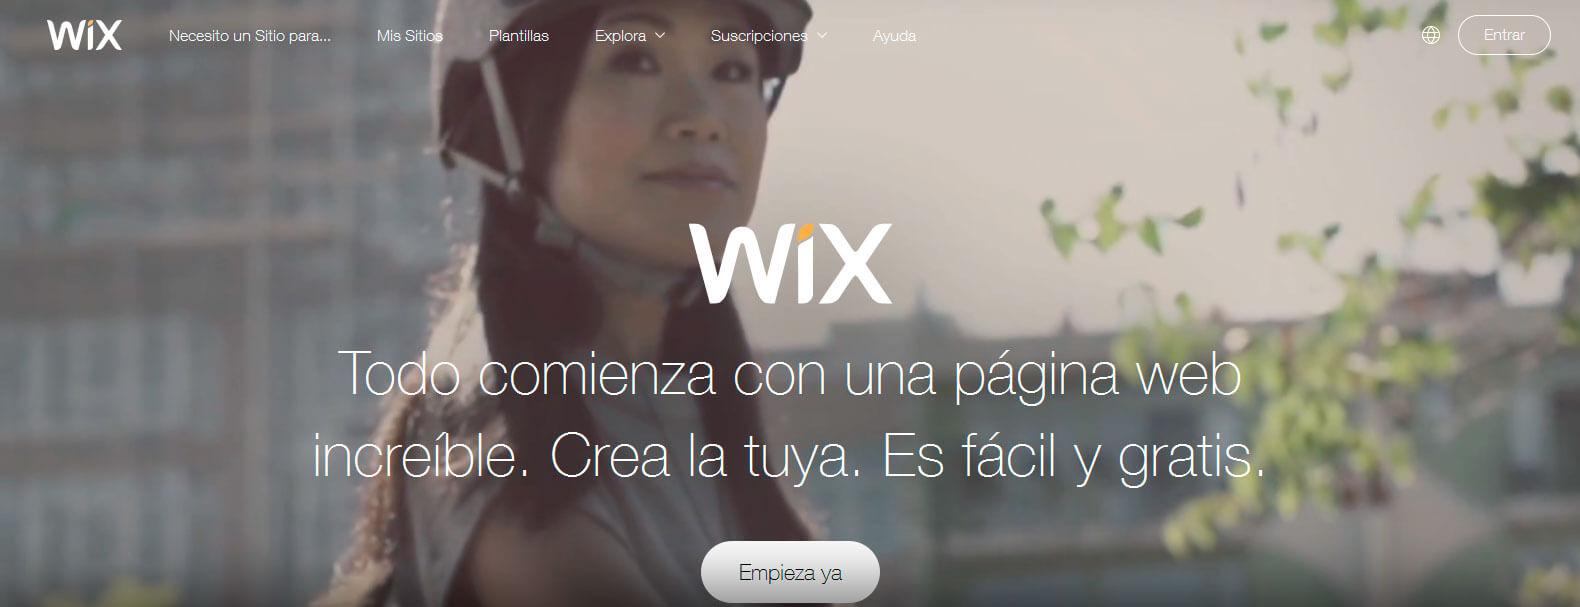 ¿Qué es un blog? - Wix para crear un blog gratis